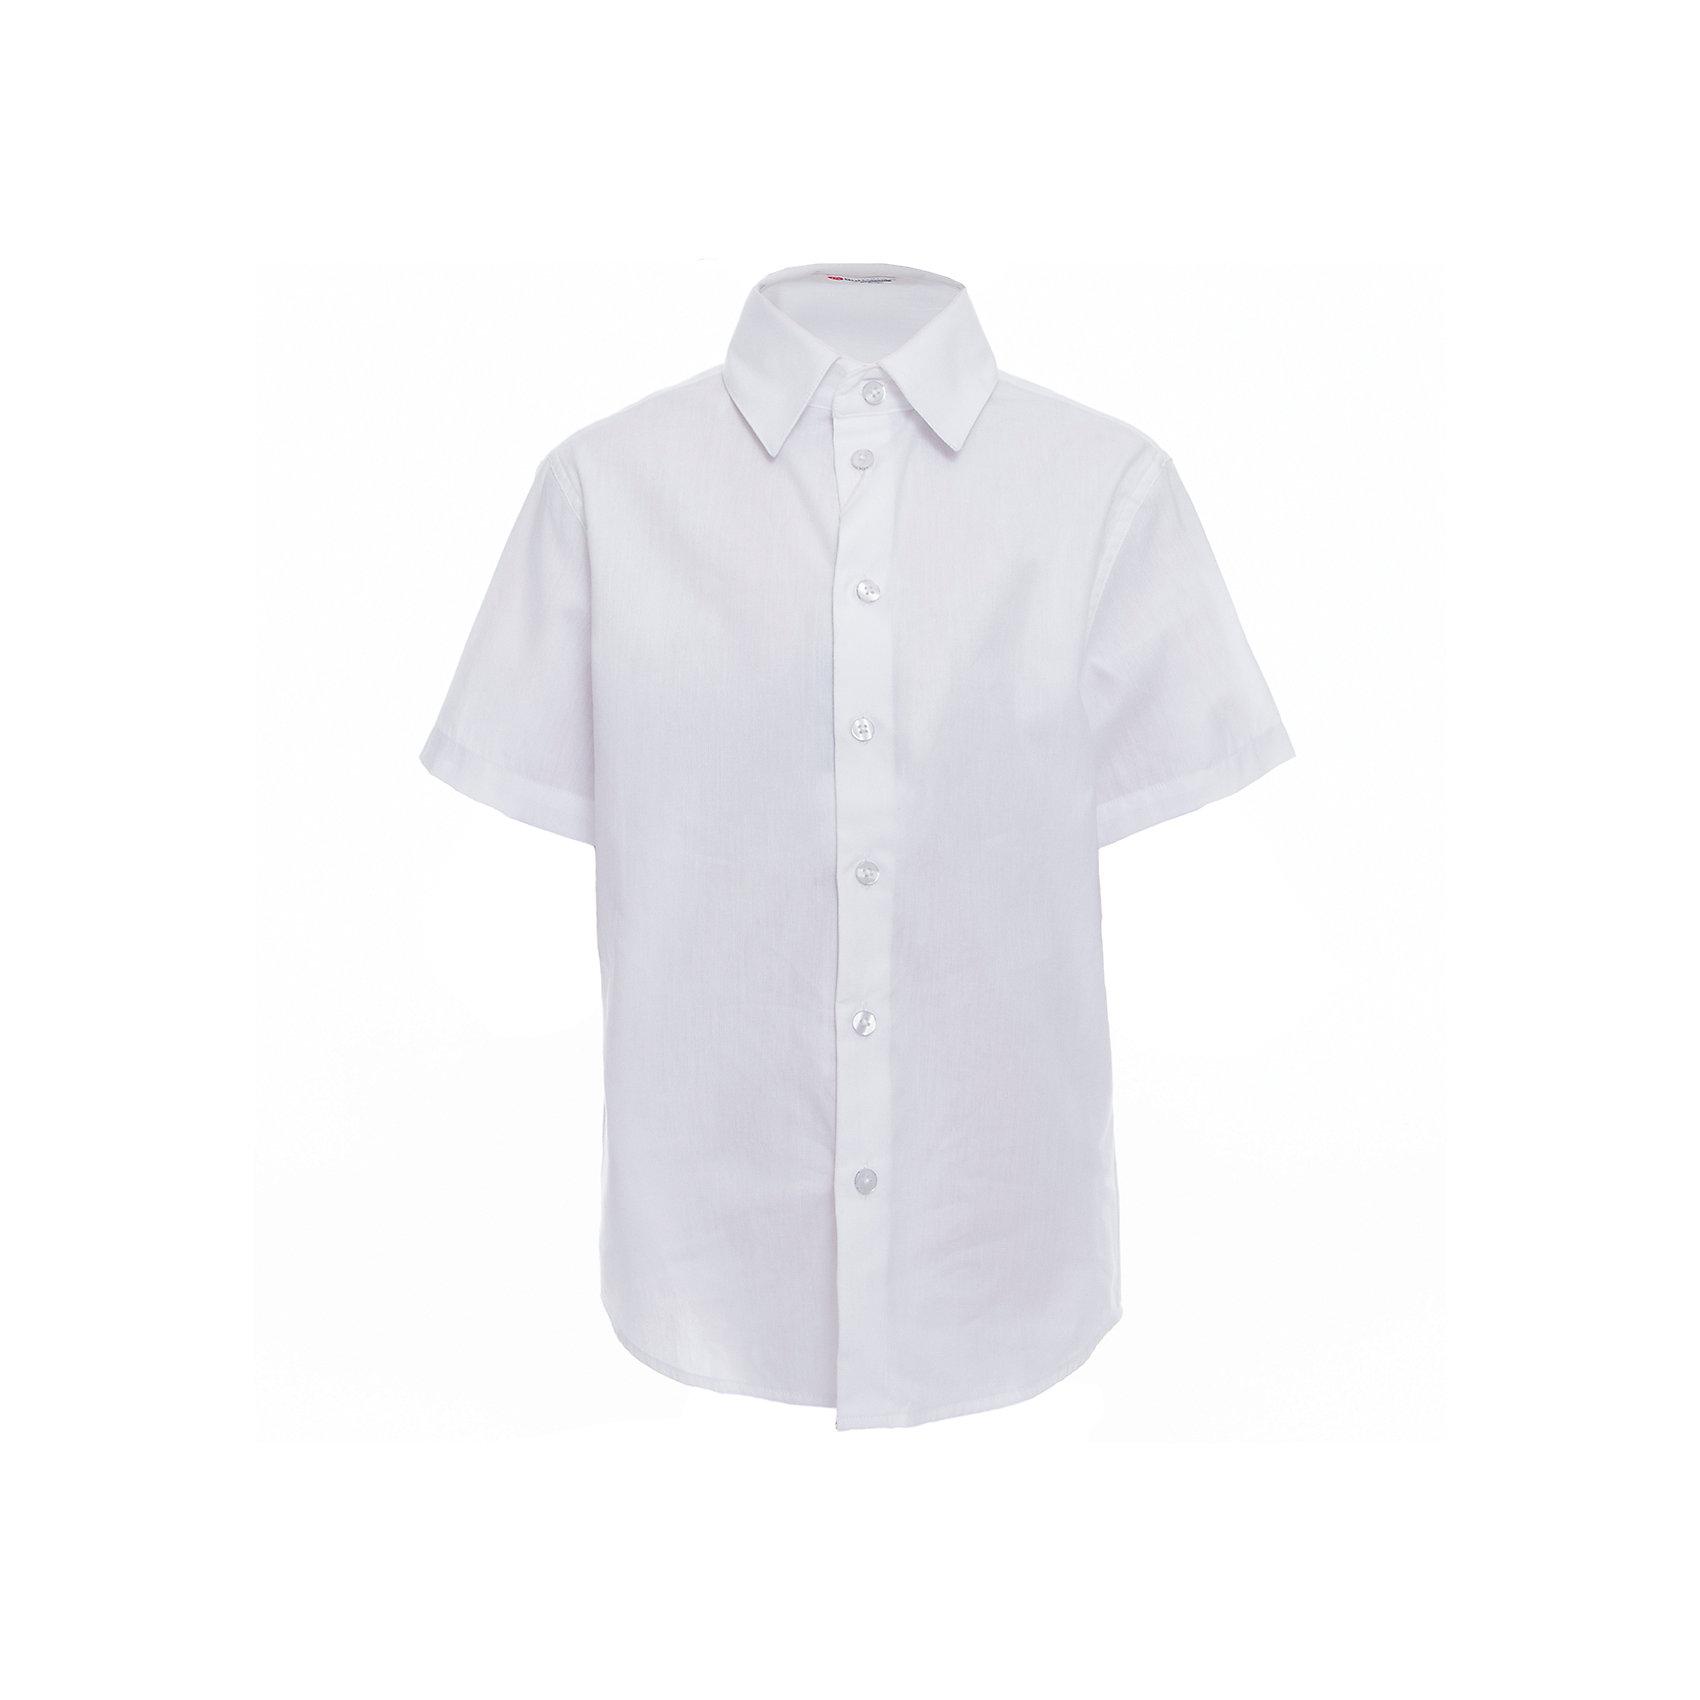 Рубашка для мальчика BUTTON BLUEБлузки и рубашки<br>Рубашка для мальчика BUTTON BLUE<br>Рубашка для мальчика - основа повседневного школьного образа! Школьные рубашки от Button Blue - это качество и комфорт, отличный внешний вид, удобство в уходе, высокая износостойкость. Какая детская рубашка для школы займет место в гардеробе вашего ребенка - зависит только от вас! Готовясь к школьному сезону, вам стоит купить рубашки в трех-четырех цветах, чтобы разнообразить будни ученика.<br>Состав:<br>60% хлопок                40% полиэстер<br><br>Ширина мм: 174<br>Глубина мм: 10<br>Высота мм: 169<br>Вес г: 157<br>Цвет: белый<br>Возраст от месяцев: 96<br>Возраст до месяцев: 108<br>Пол: Мужской<br>Возраст: Детский<br>Размер: 134,140,146,152,158,164,122,128<br>SKU: 6739135